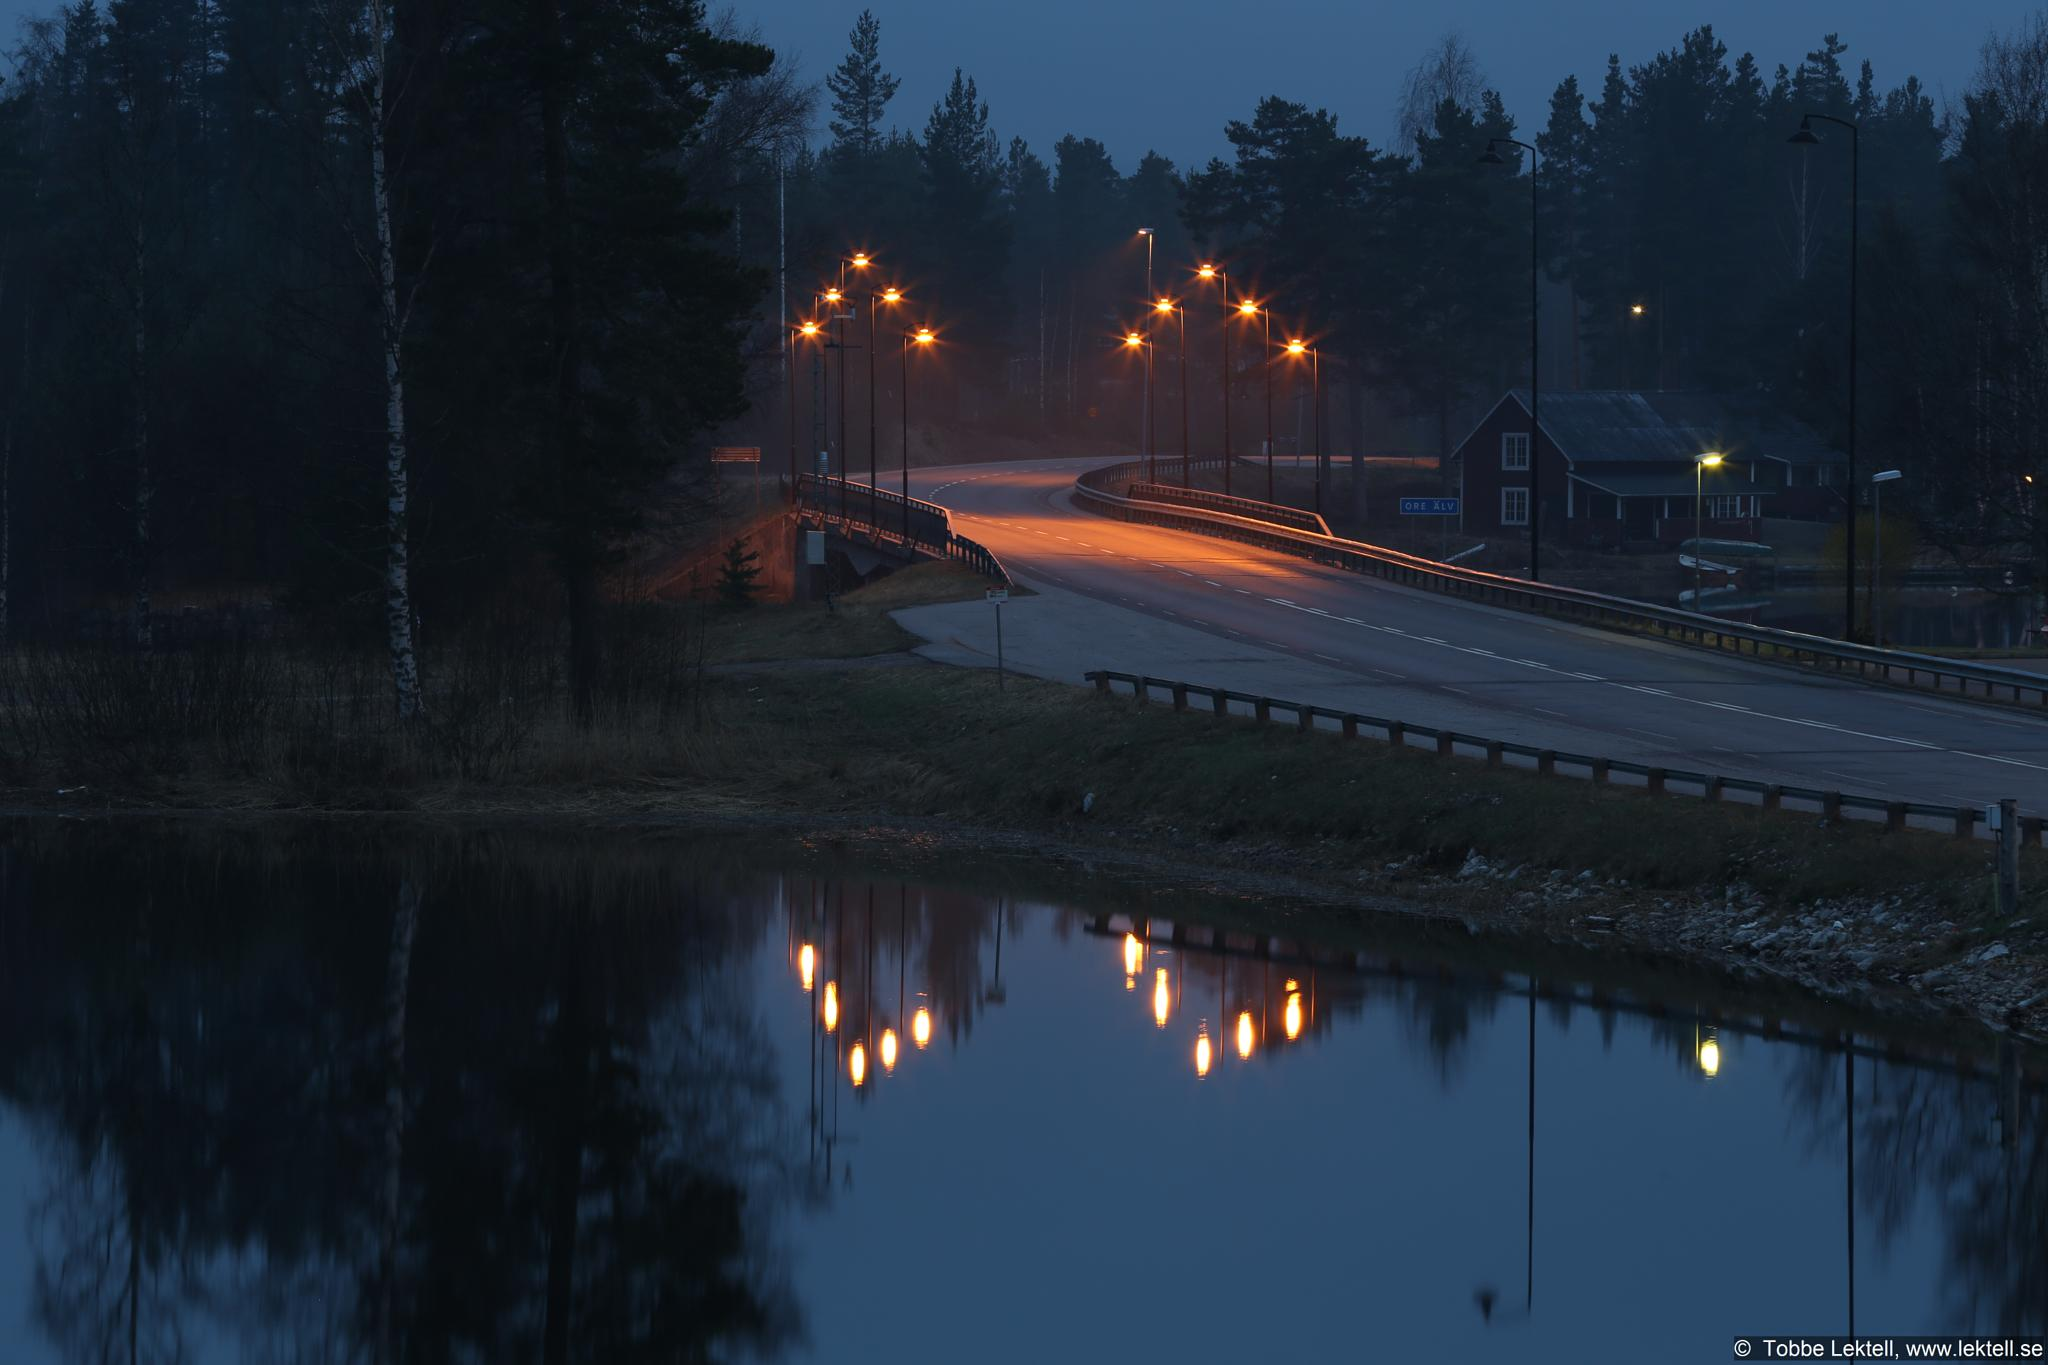 Summernight  by tobbe.lektell